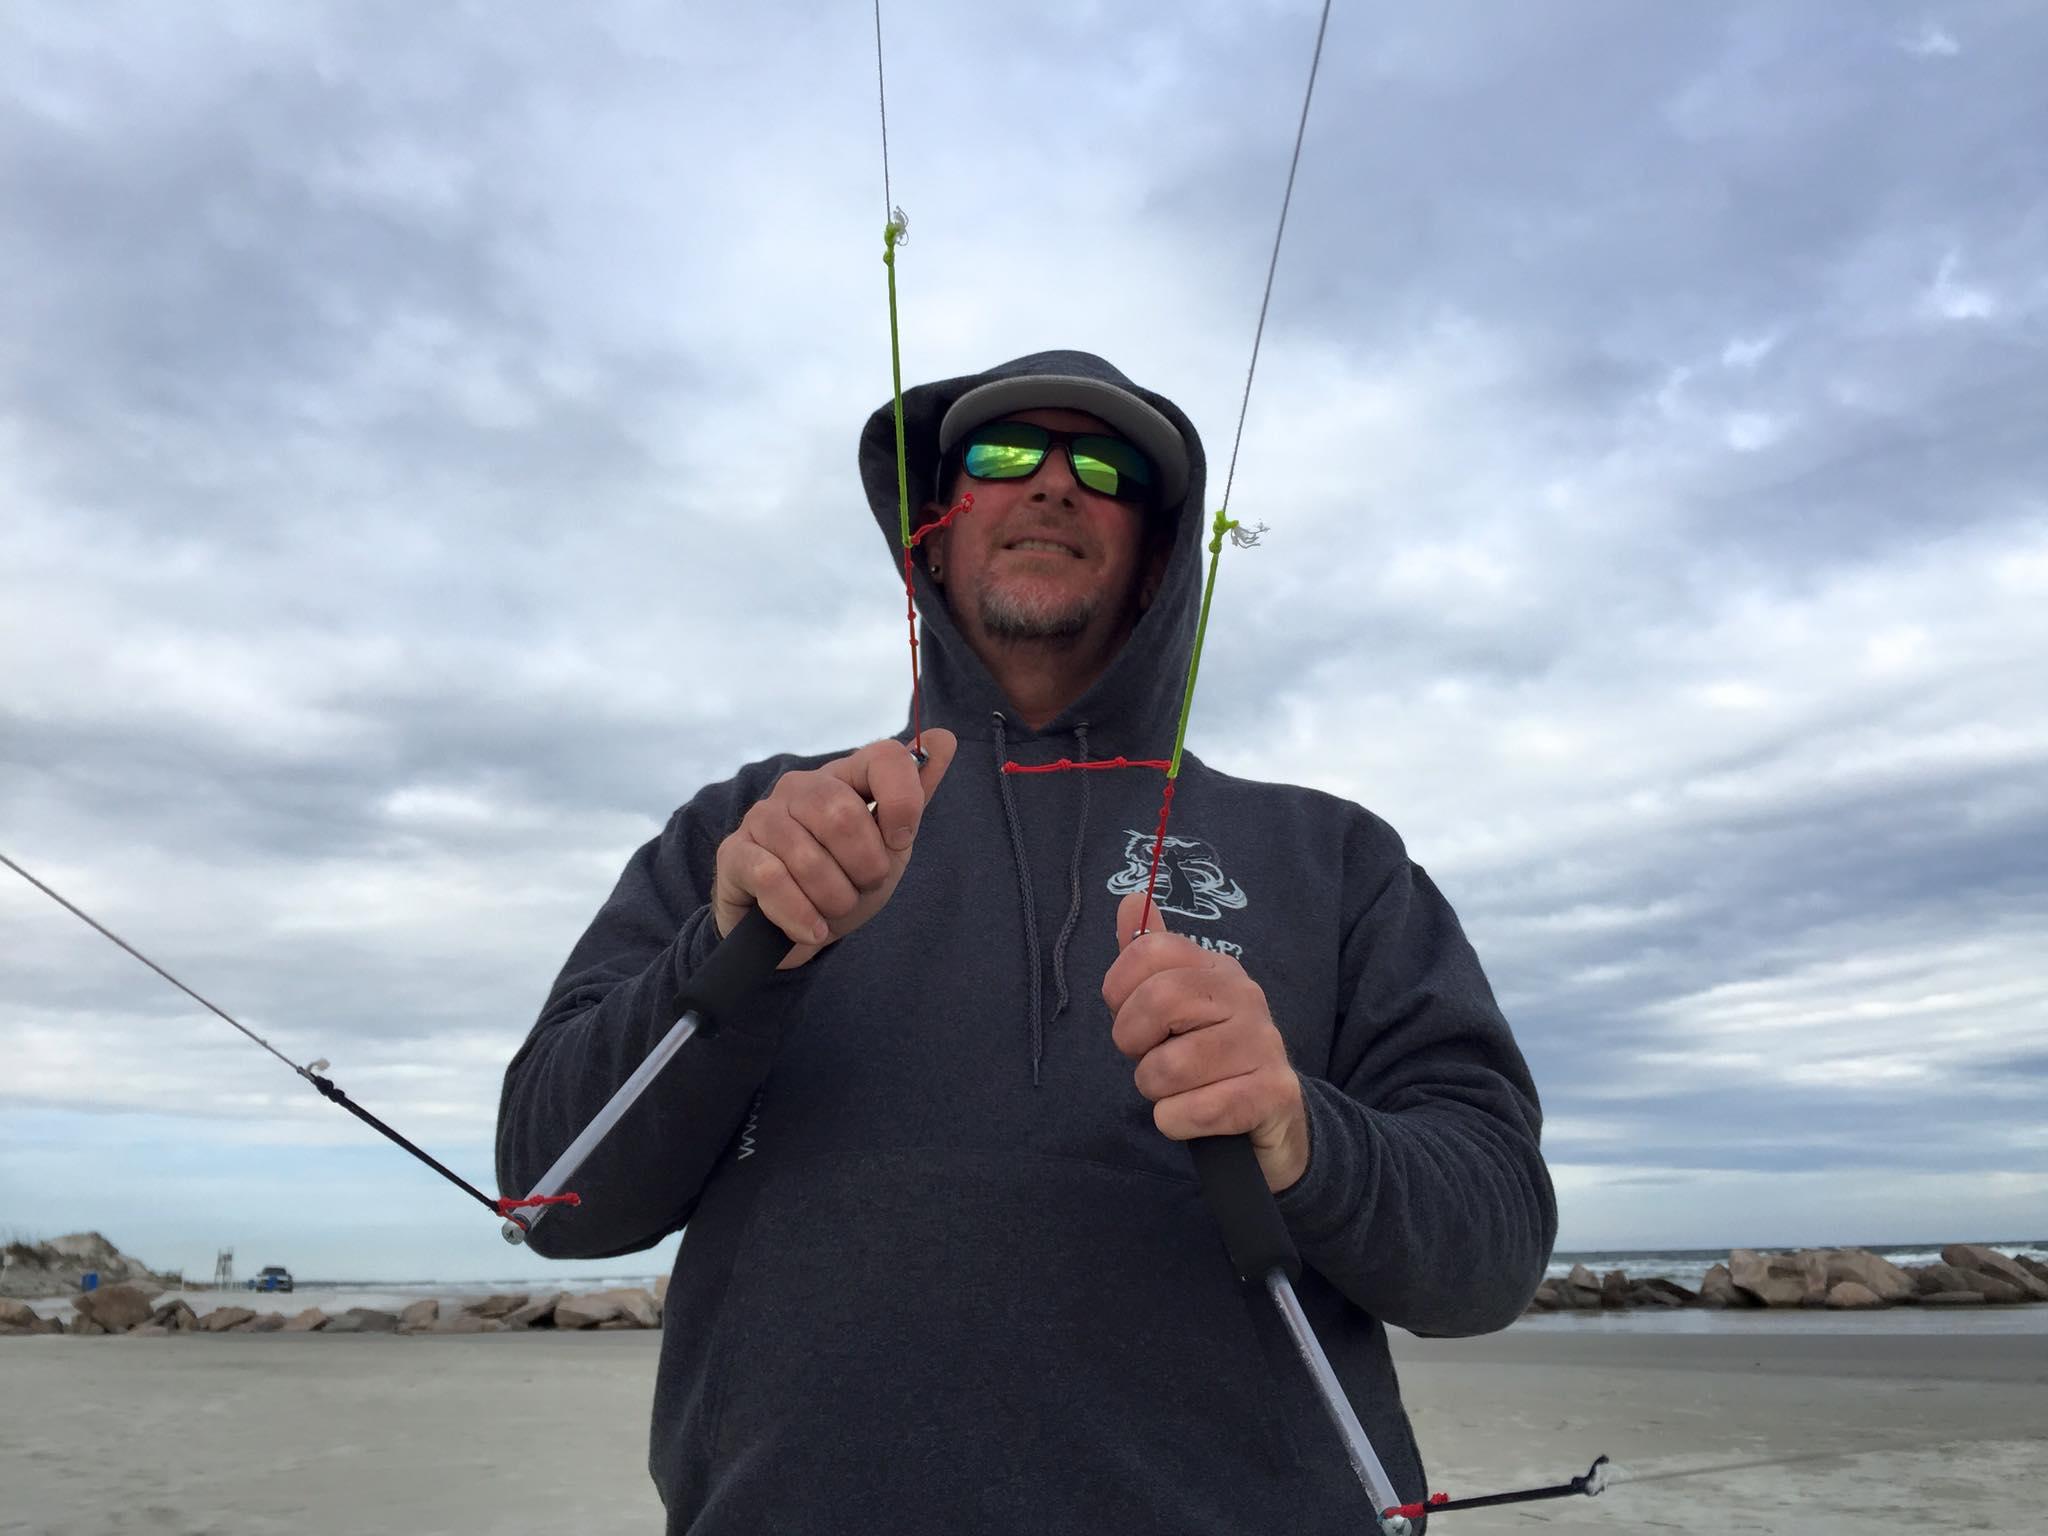 Scott Benz - Kite Team Member